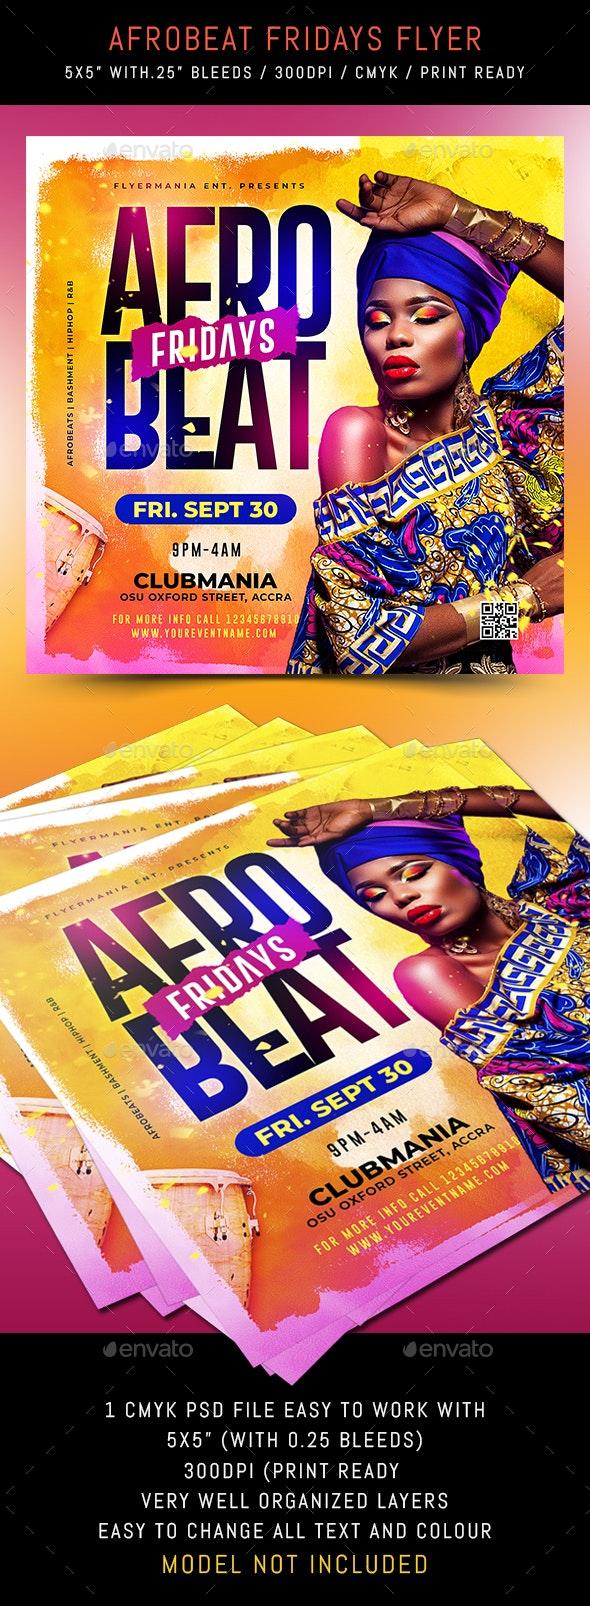 Afrobeat Fridays Flyer - Flyers Print Templates